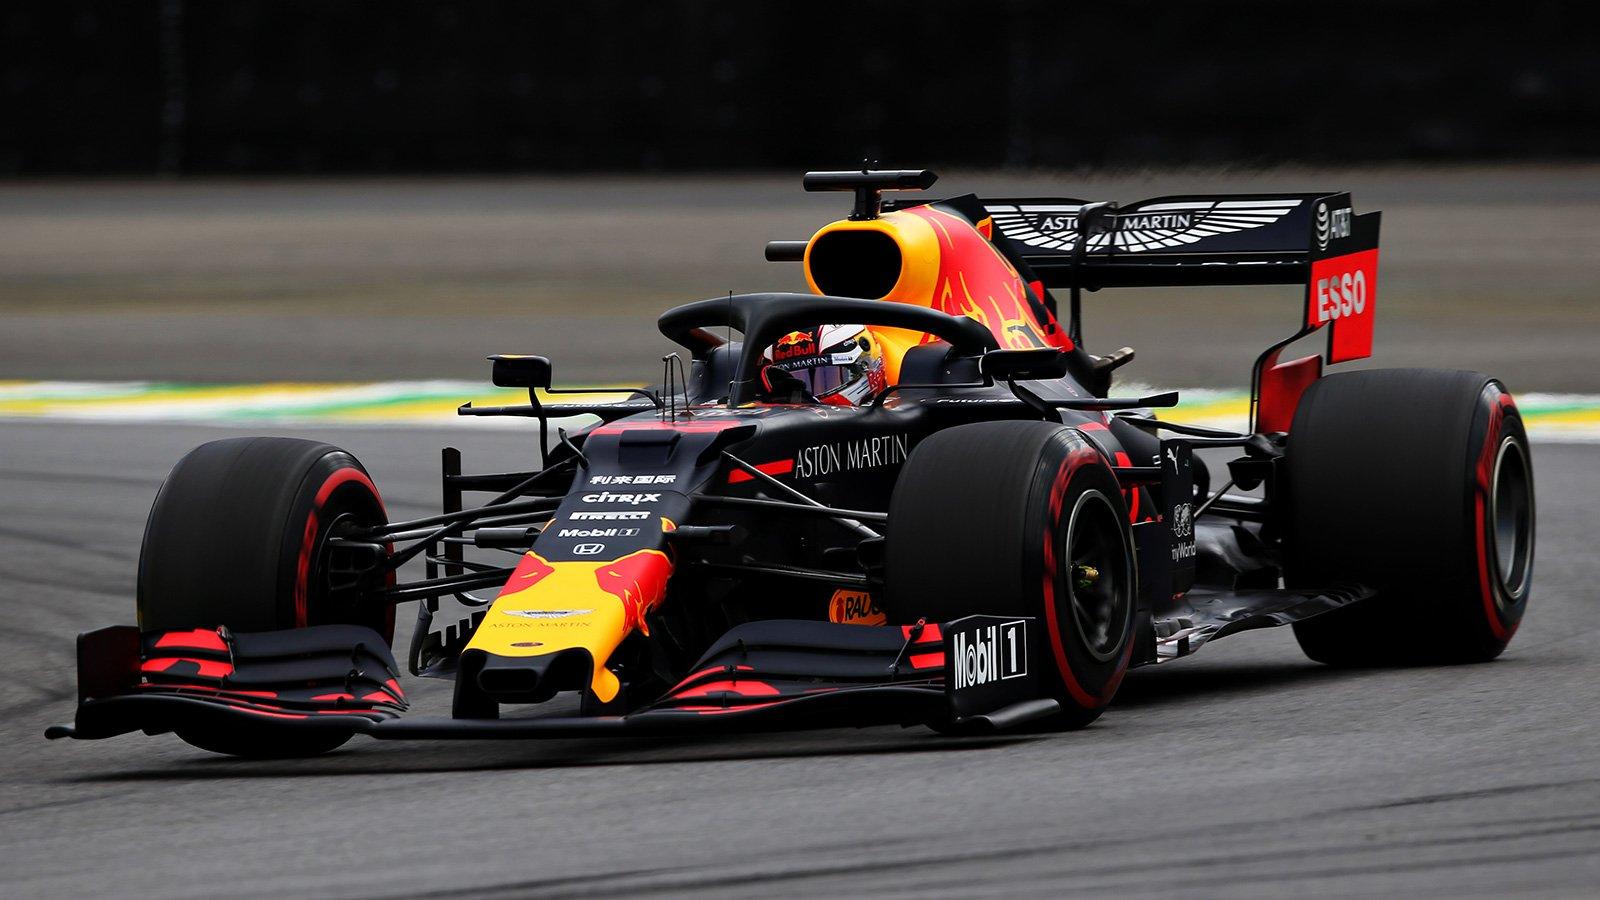 Макс Верстаппен выиграл квалификацию перед Гран-при Бразилии 2019 года, Квят — 16-й